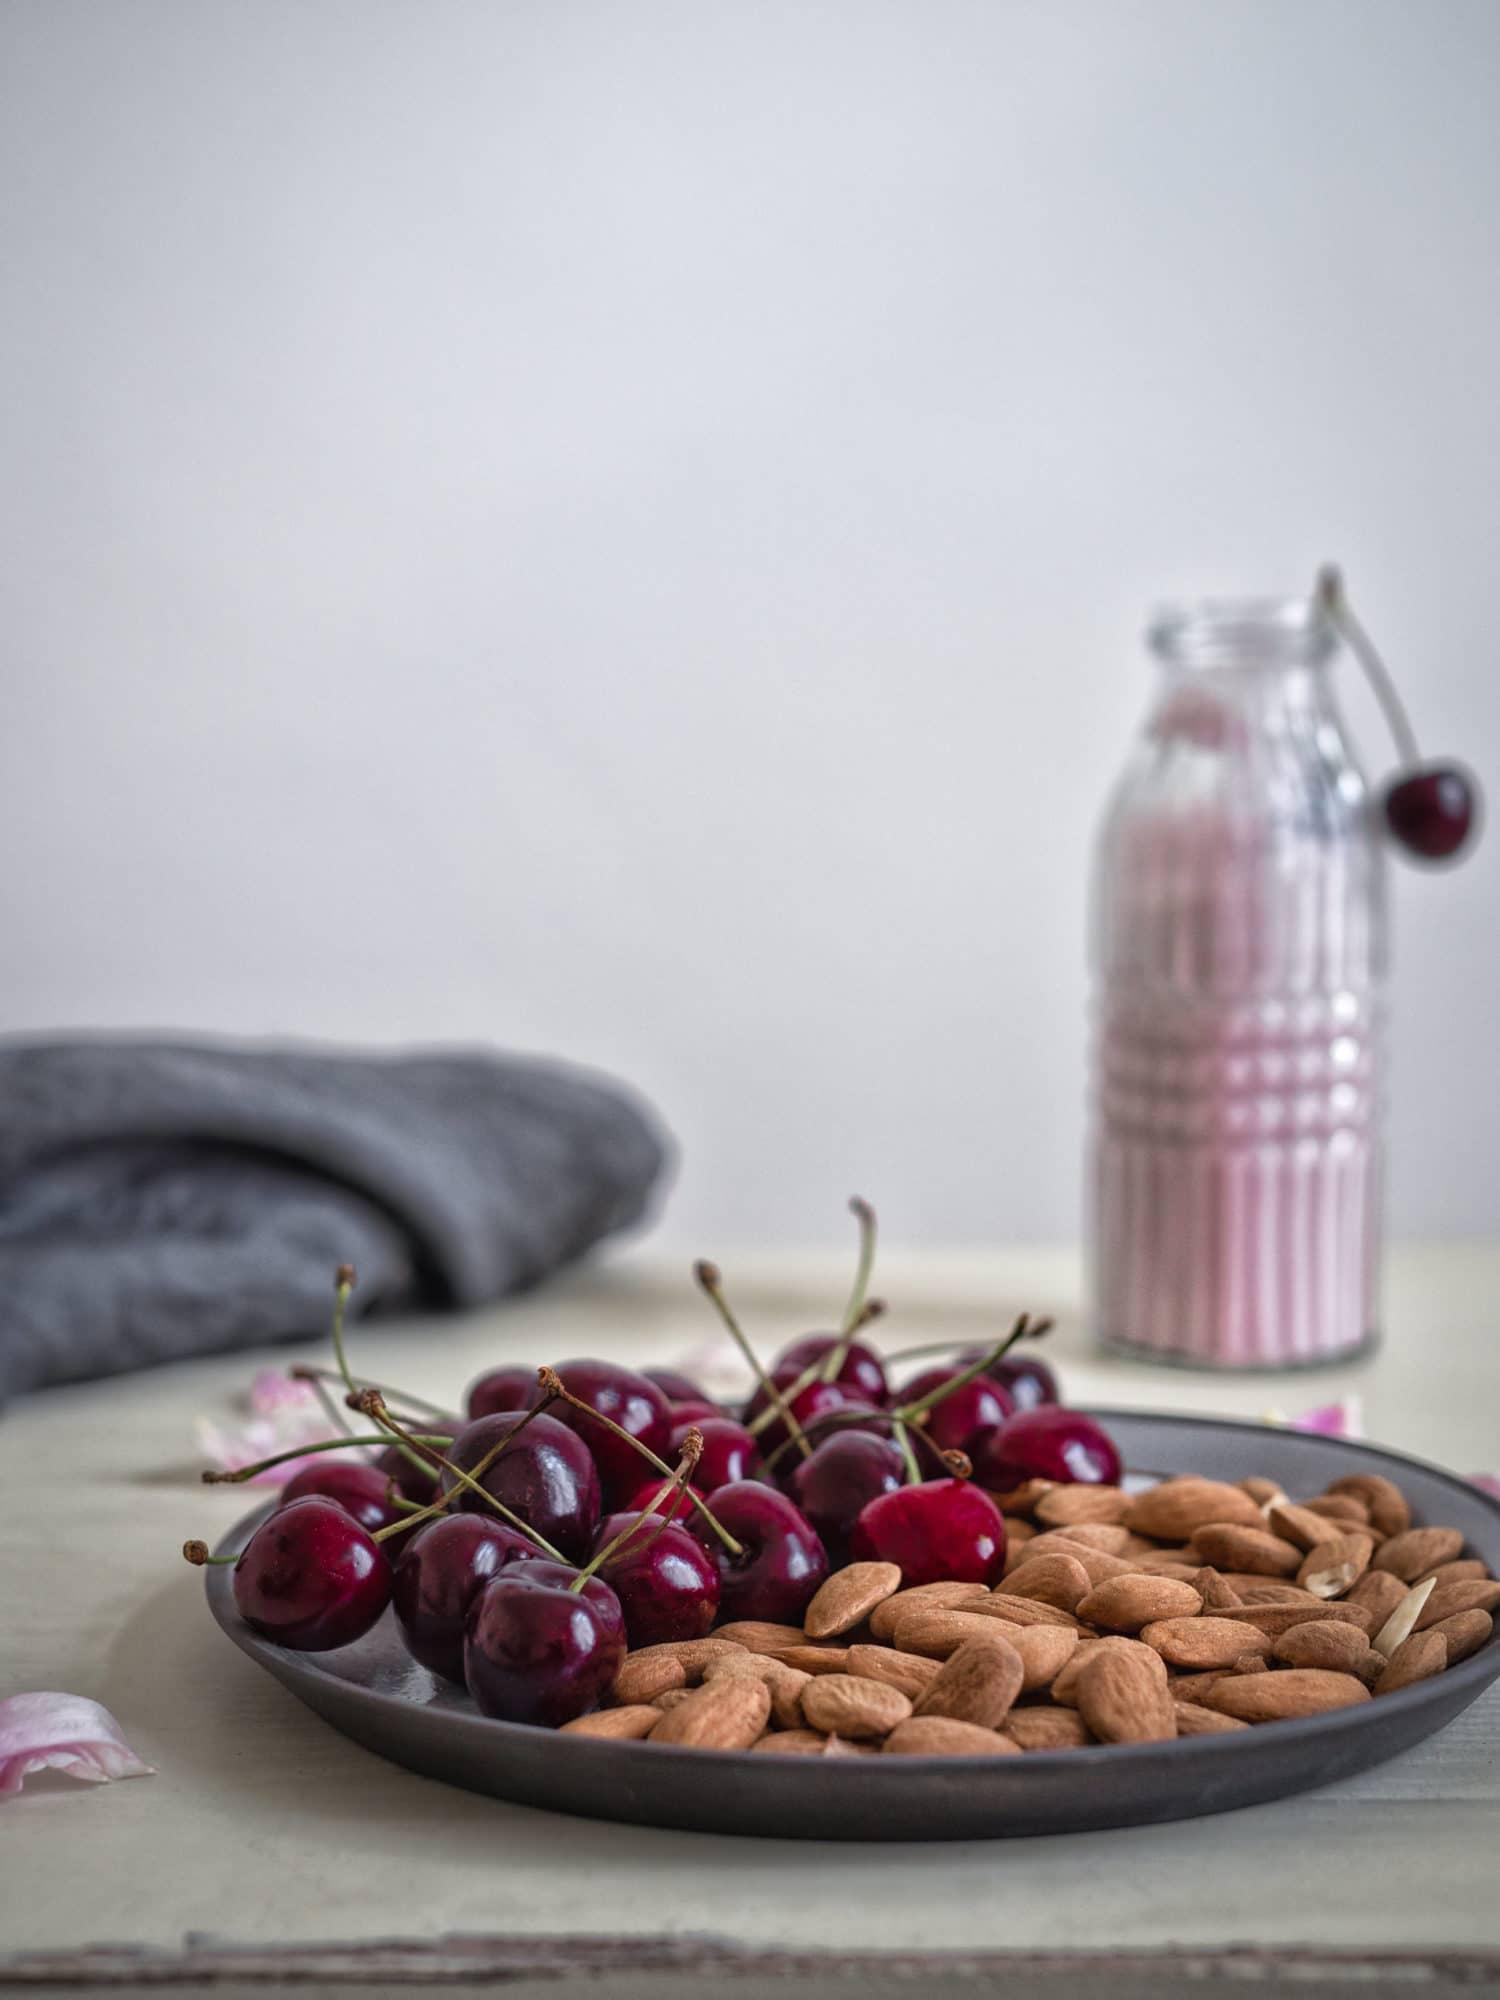 Kirschen und Mandeln Zutaten für vegane Kirschmilch